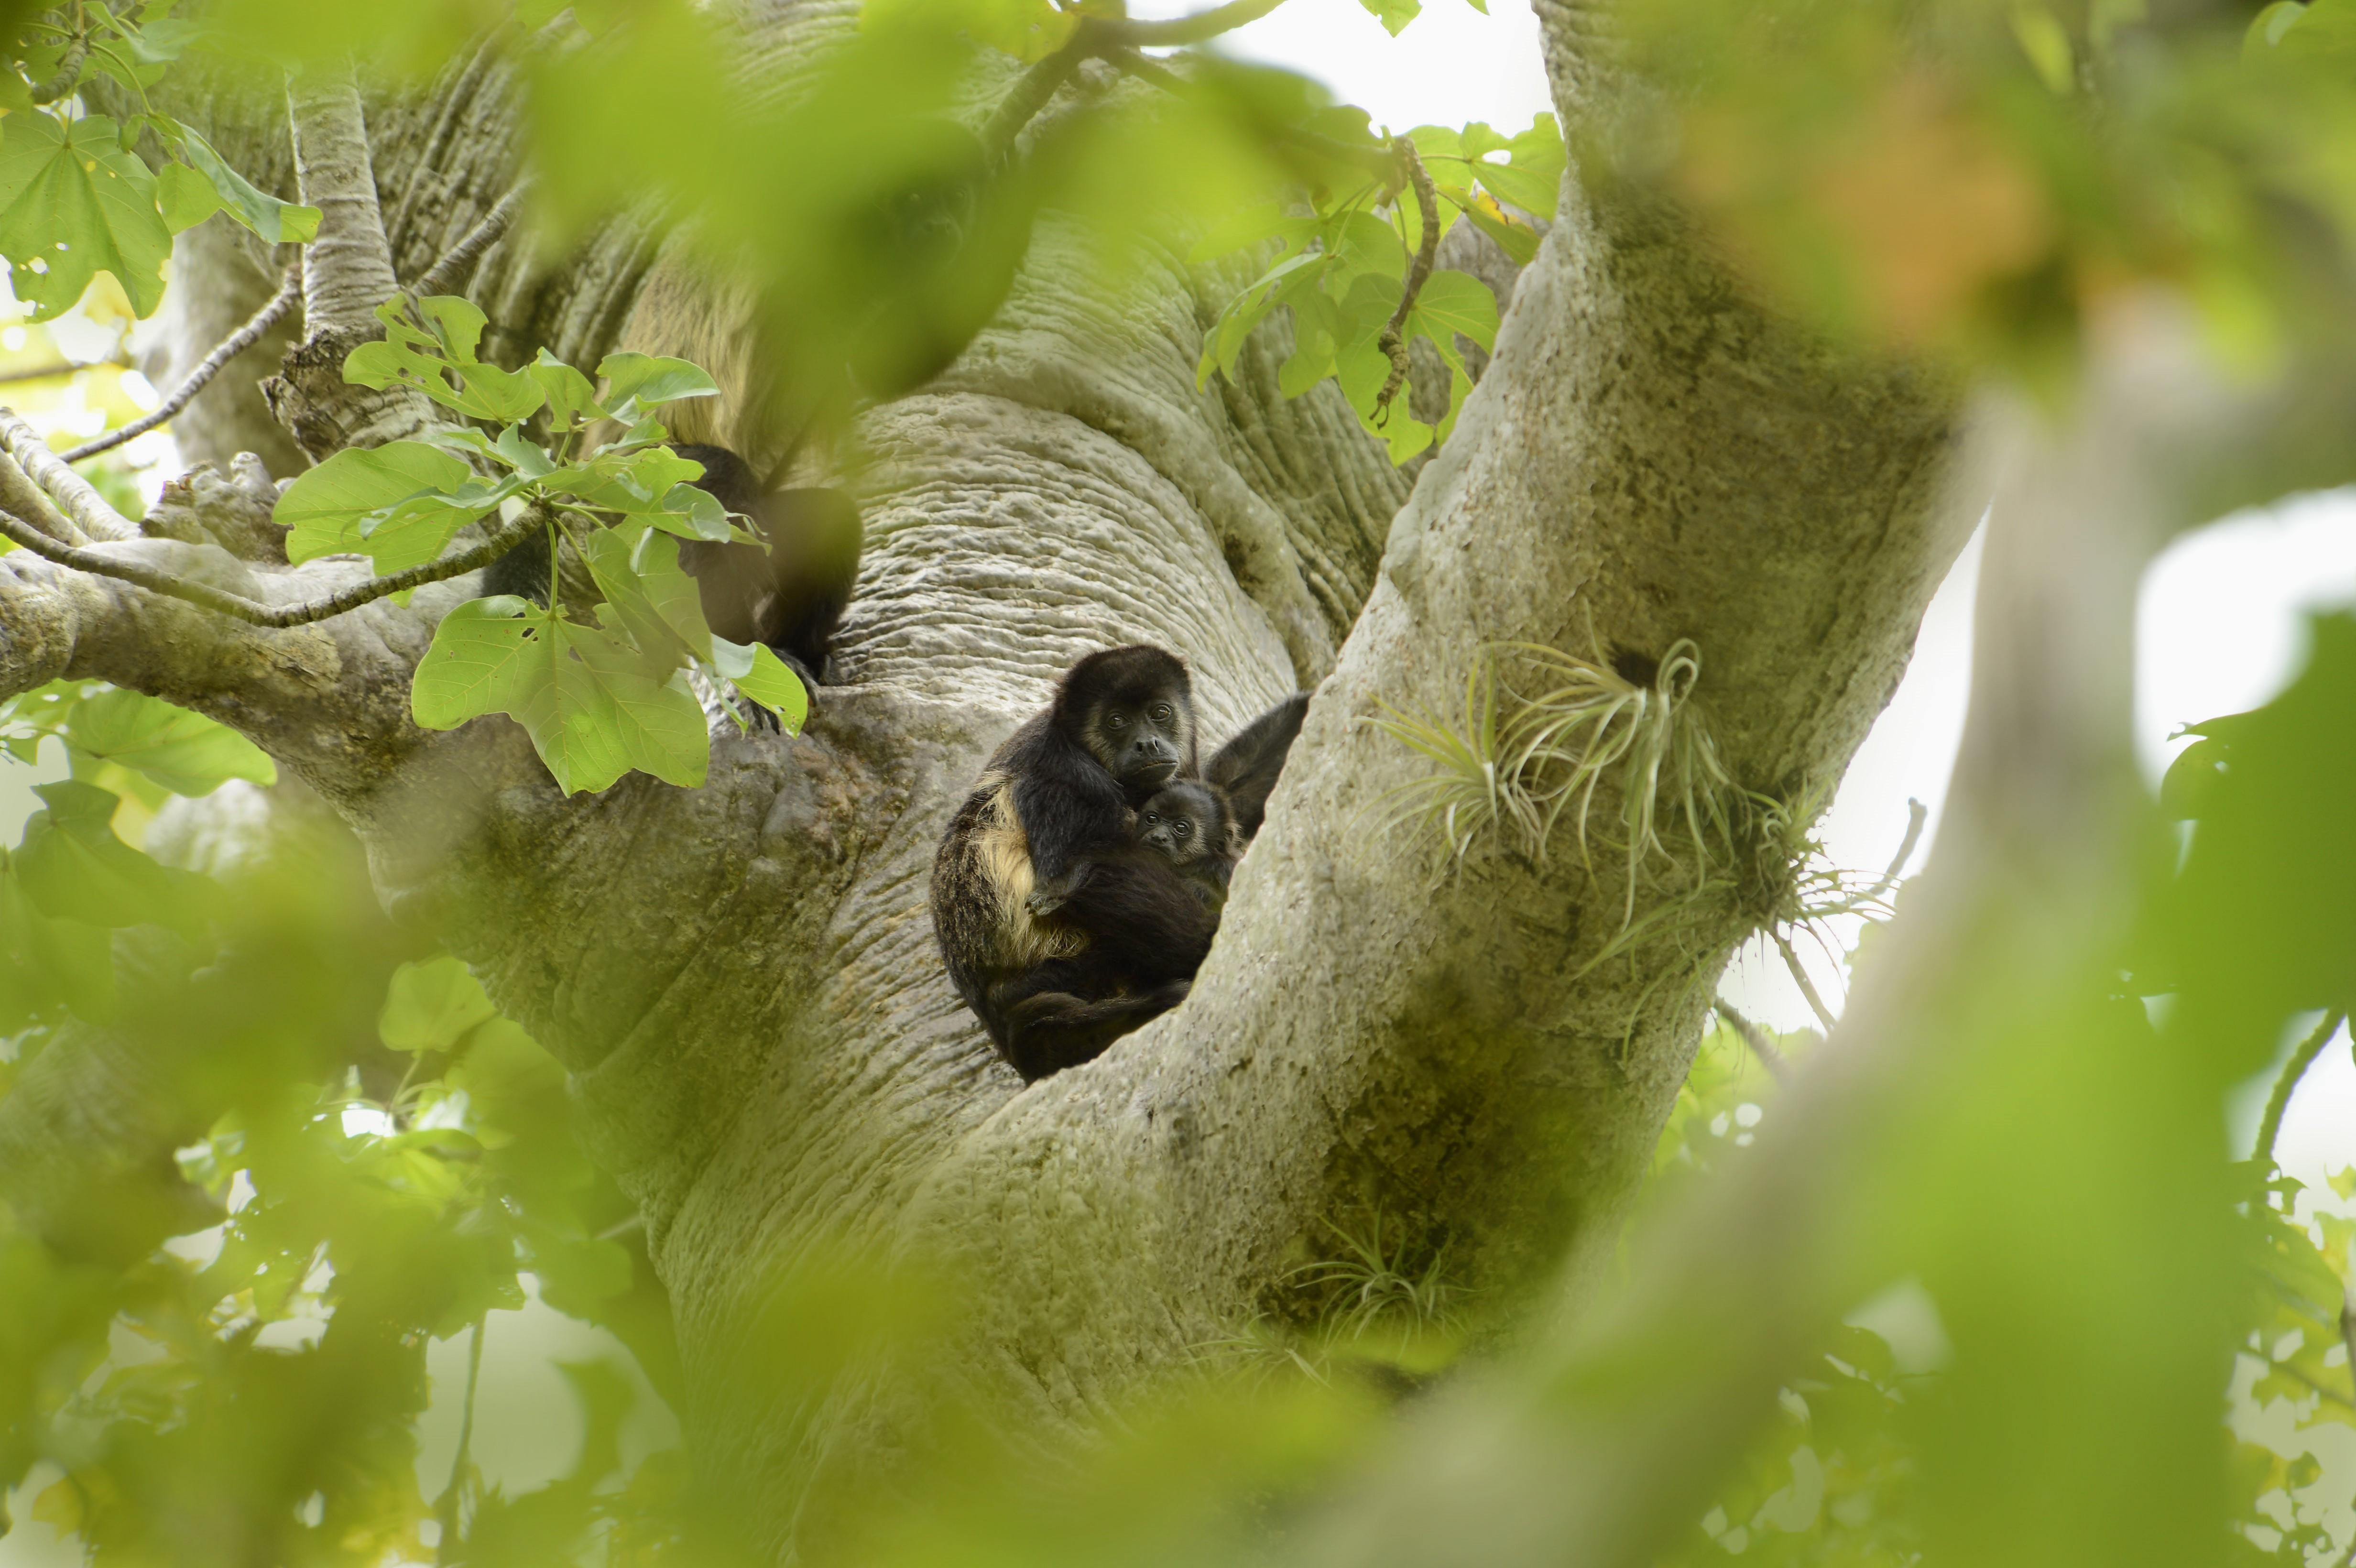 Monos aulladores en el bosque seco de Ecuador. Foto: Fabián Rodas, Naturaleza y Cultura Internacional.